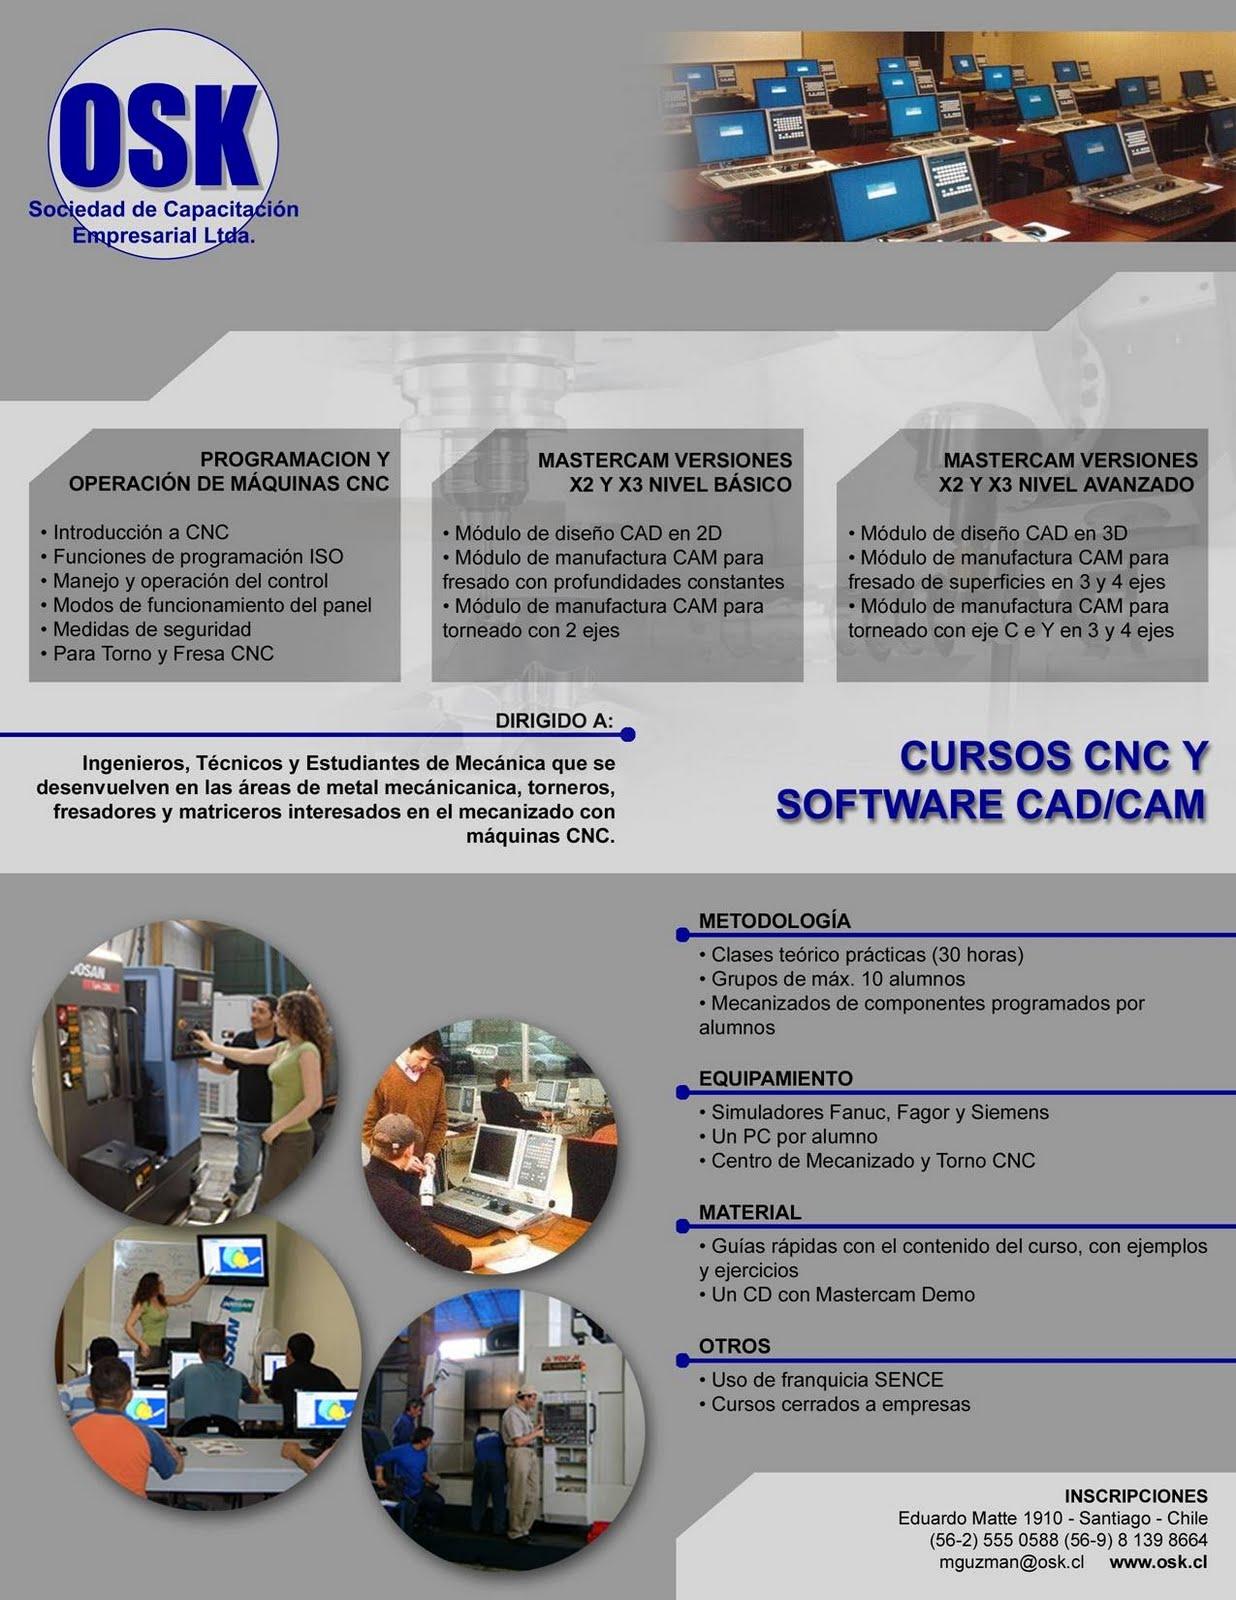 OSK Capacitacion: CURSOS CNC Y SOFTWARE MASTERCAM